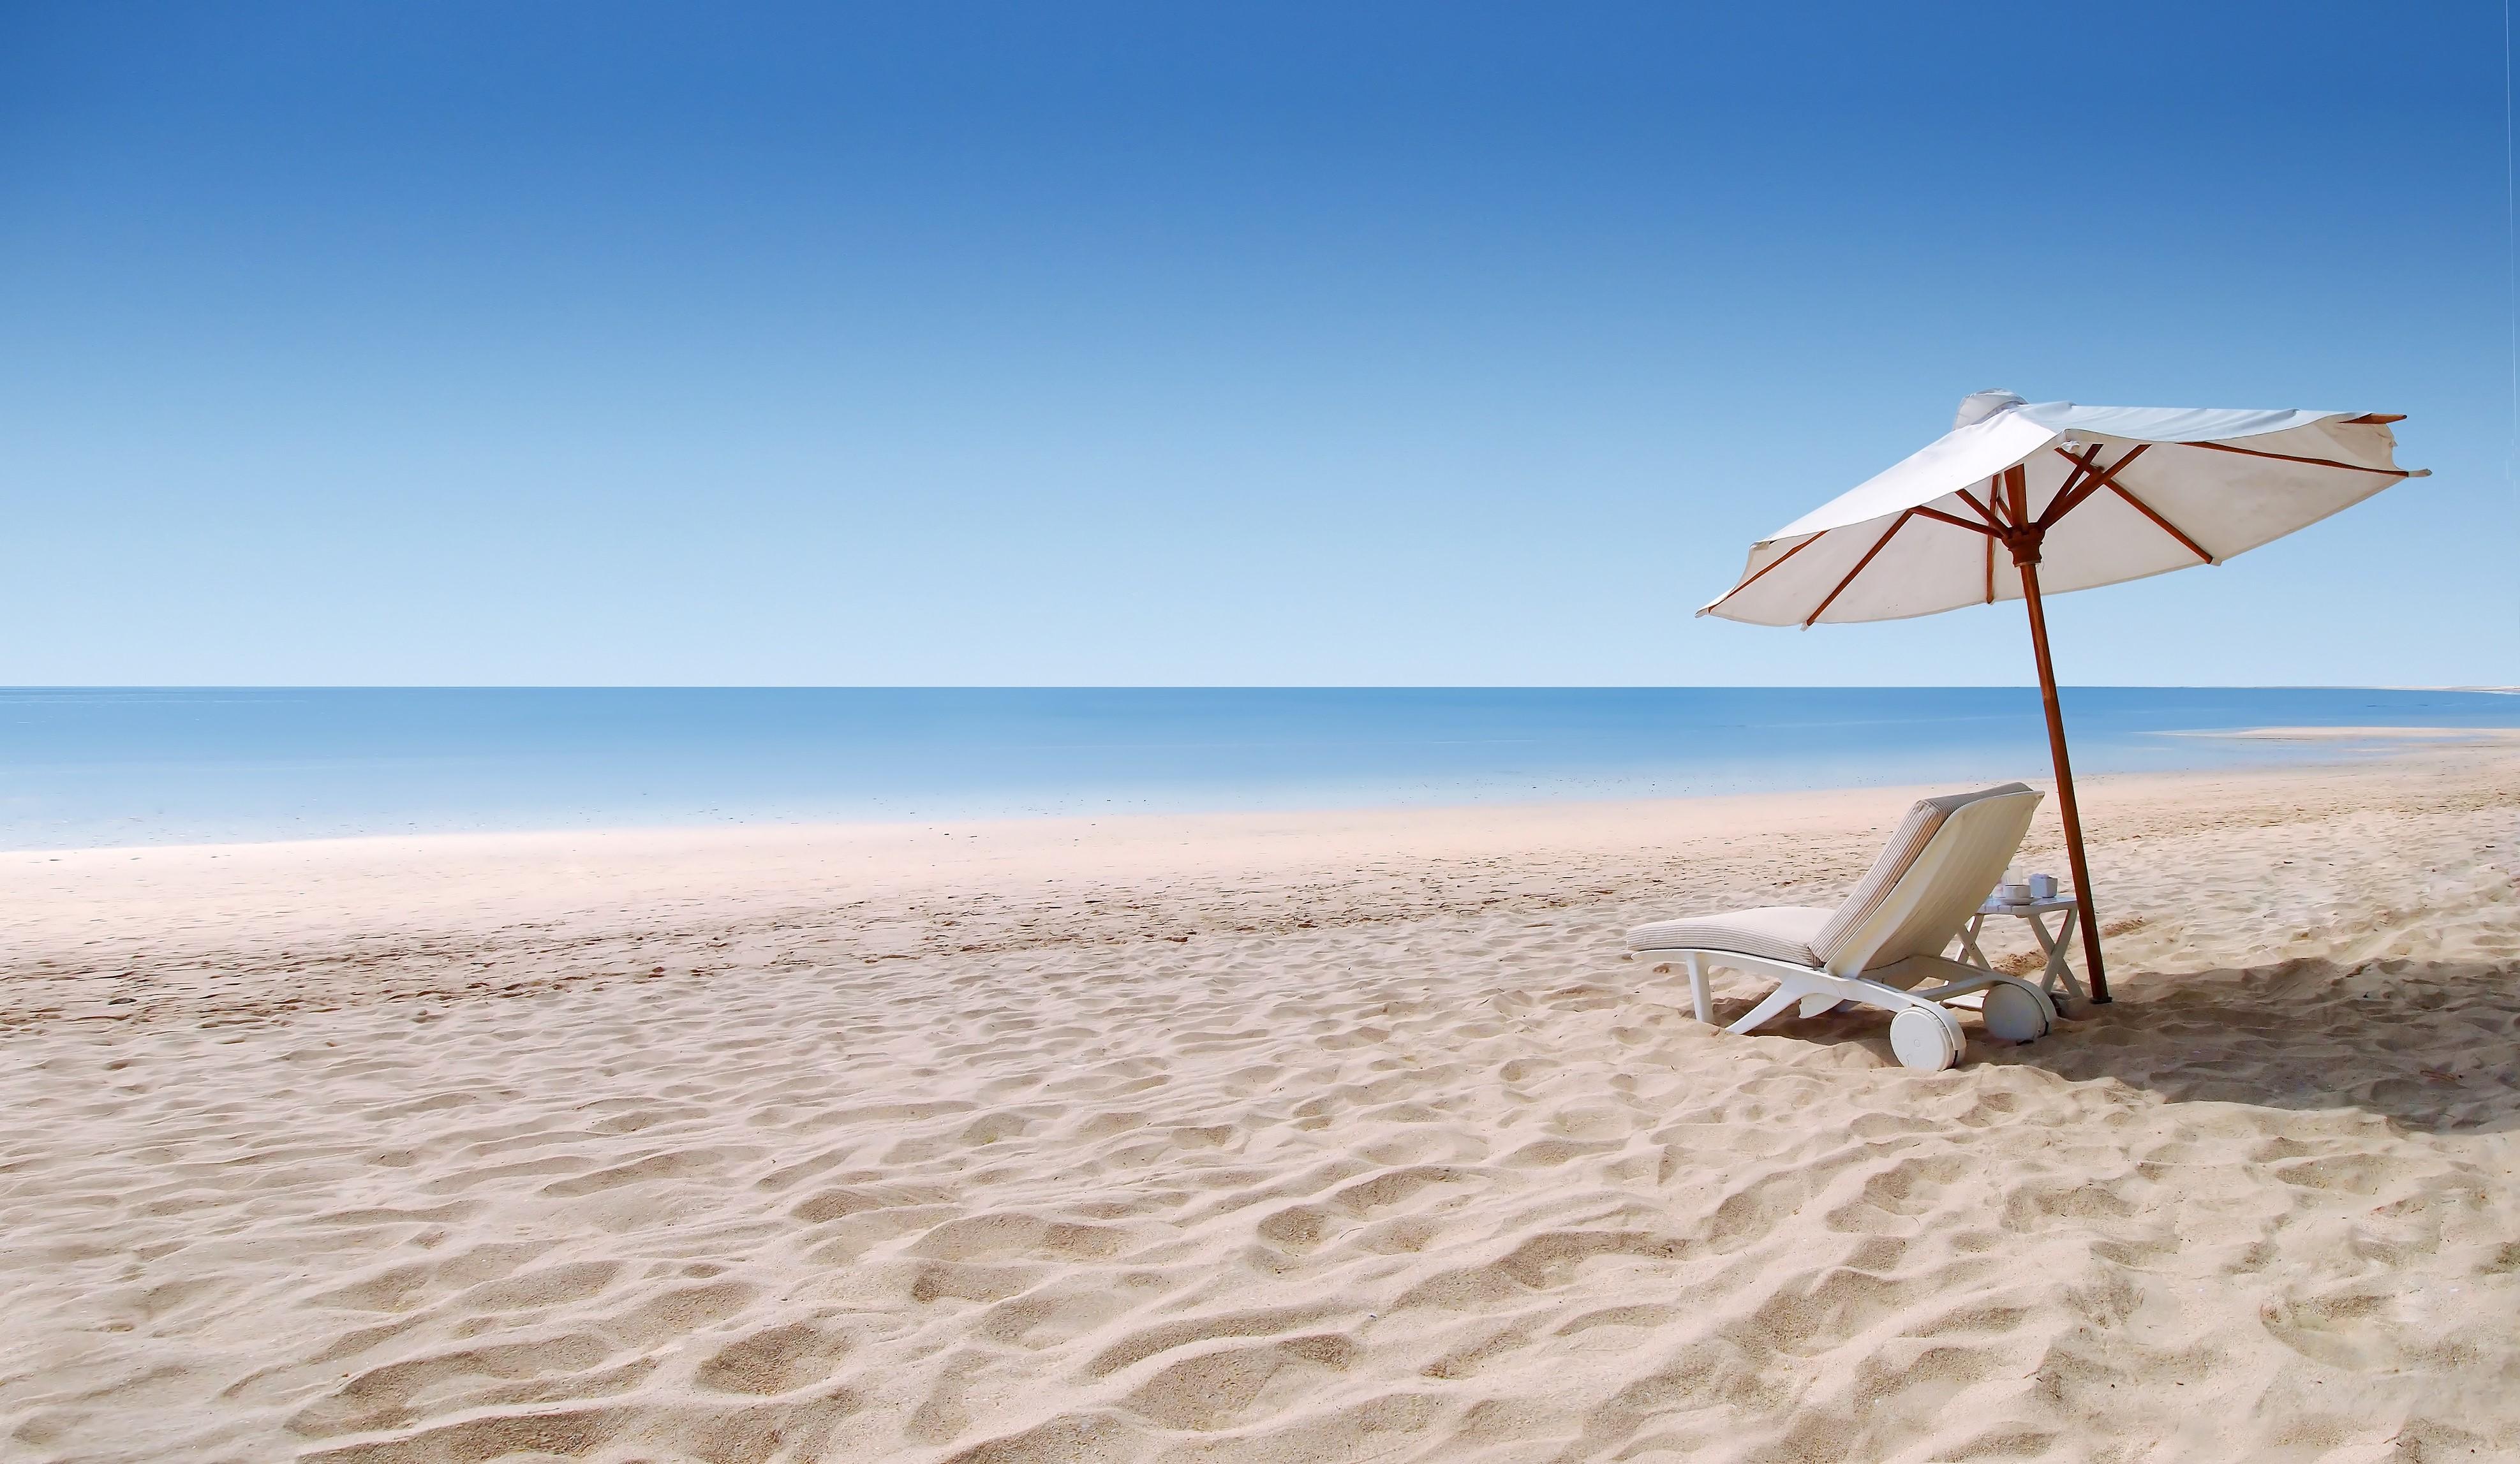 Banni re vacances   domicile